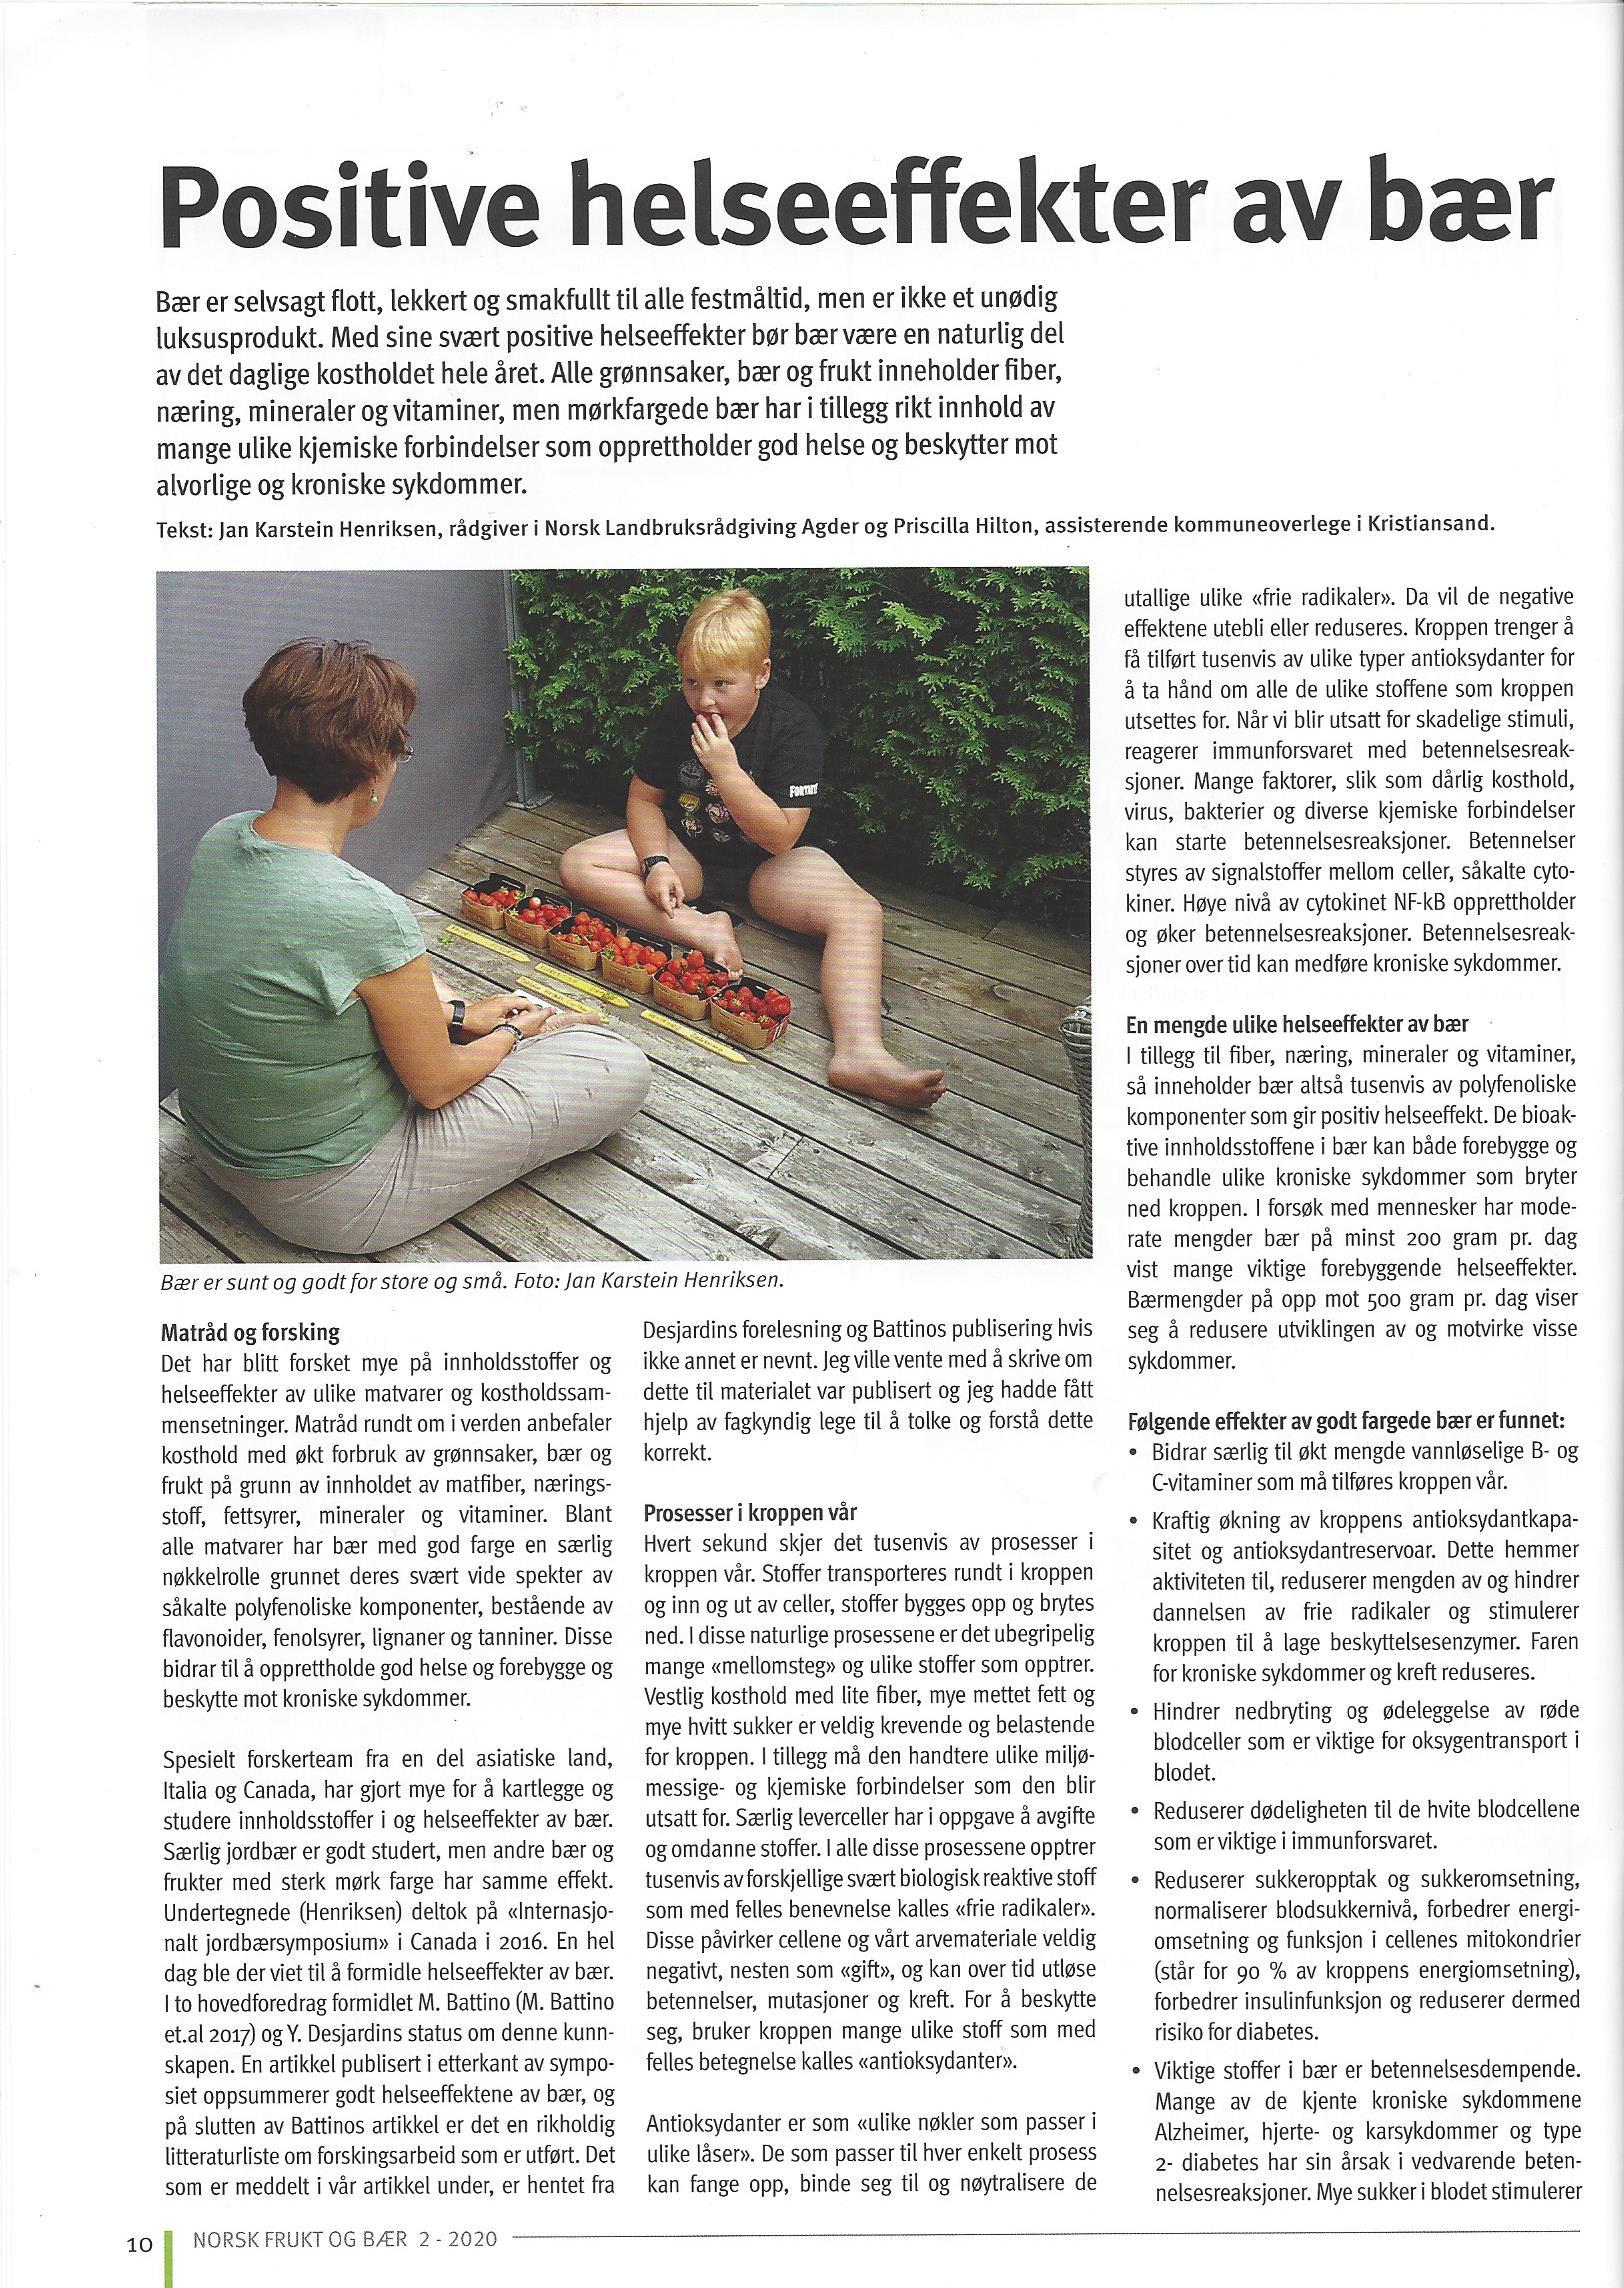 Artikkel: Positive helseefekter av bær